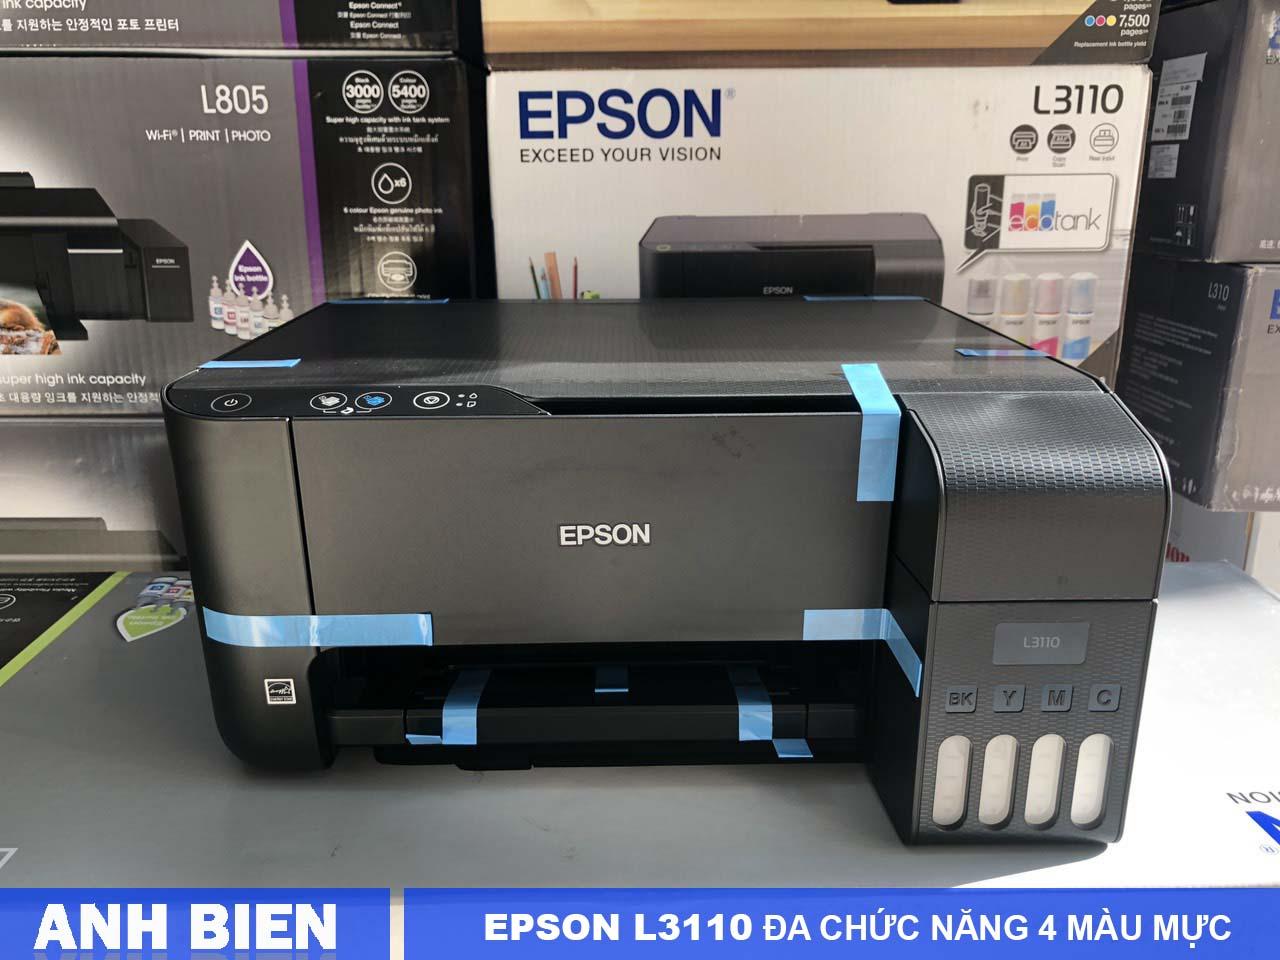 Máy in Epson L3110 - Anh Biên nhà cung cấp máy in chính hãng